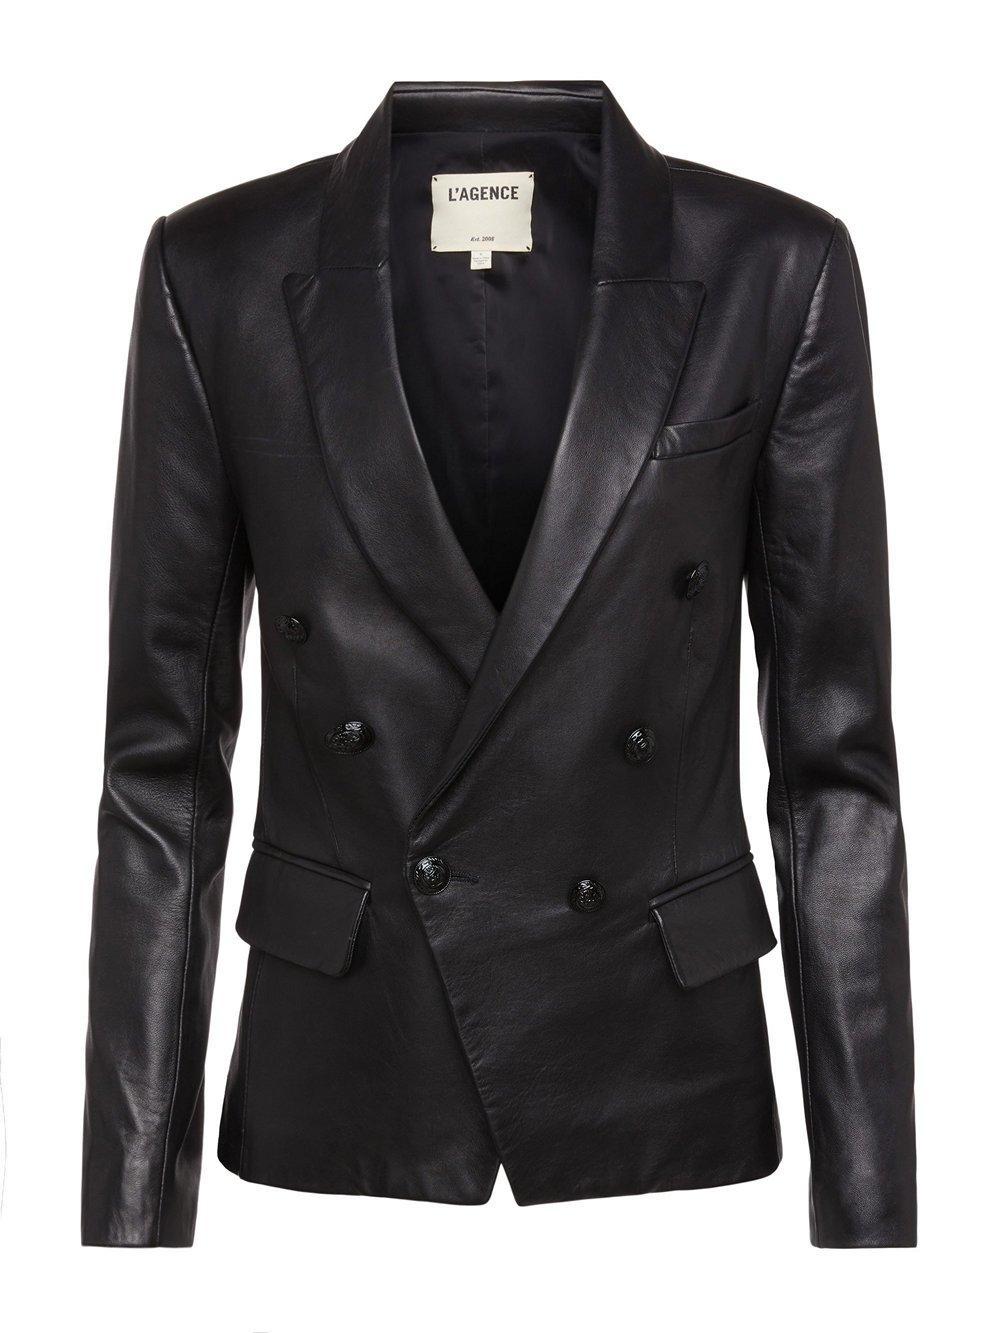 Kenzie Leather Blazer Item # 1432MLL